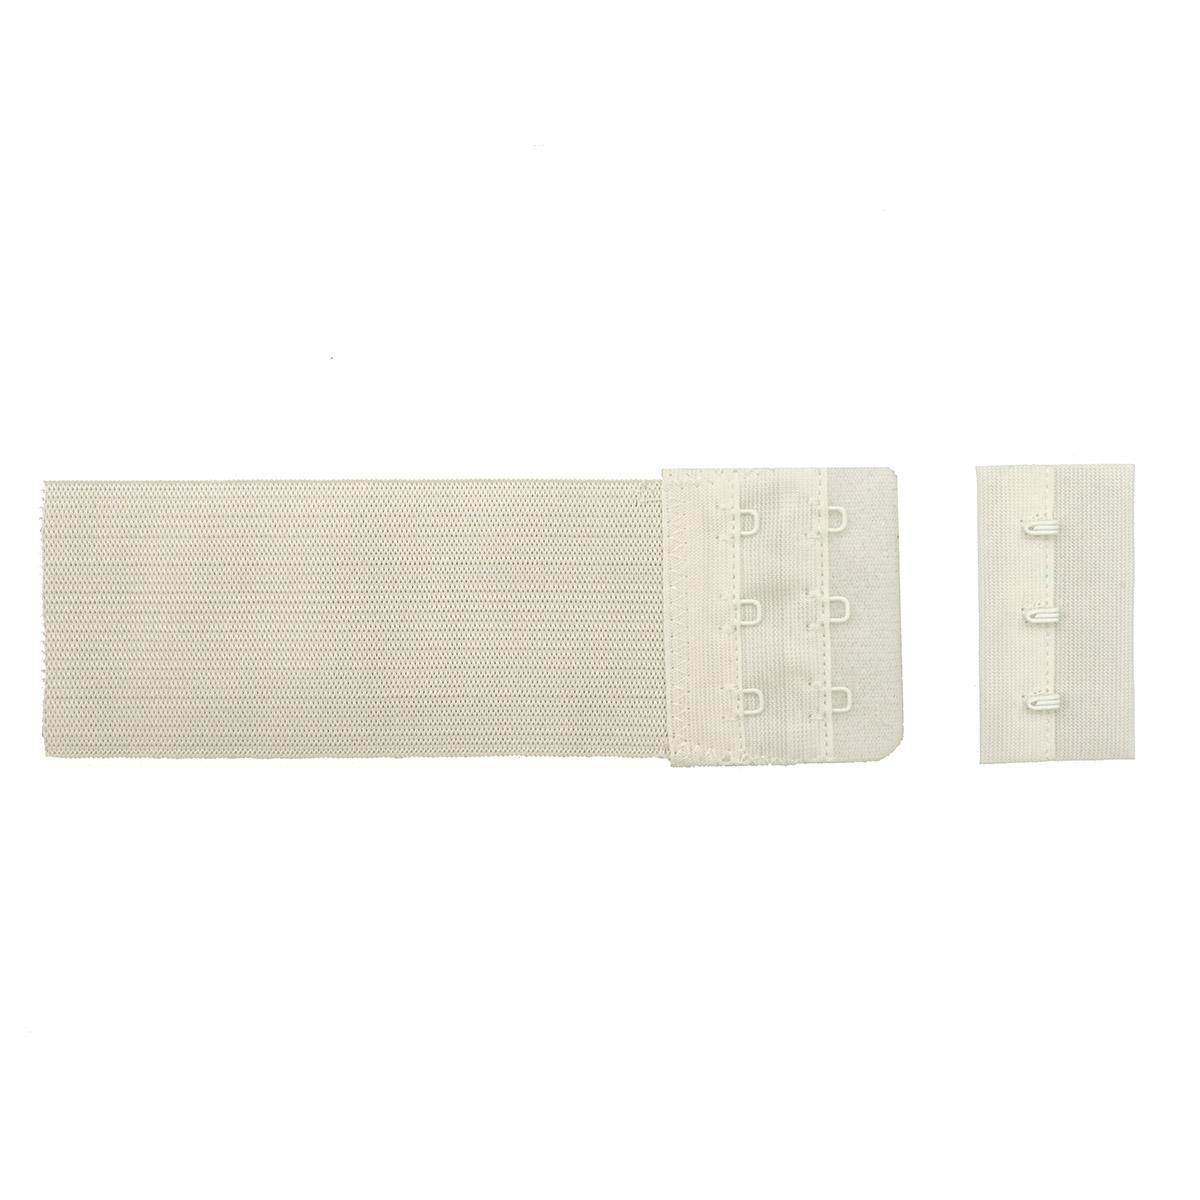 853102 Застежка для бюстгальтера, белый, 50 мм, 3 крючка, Hobby&Pro